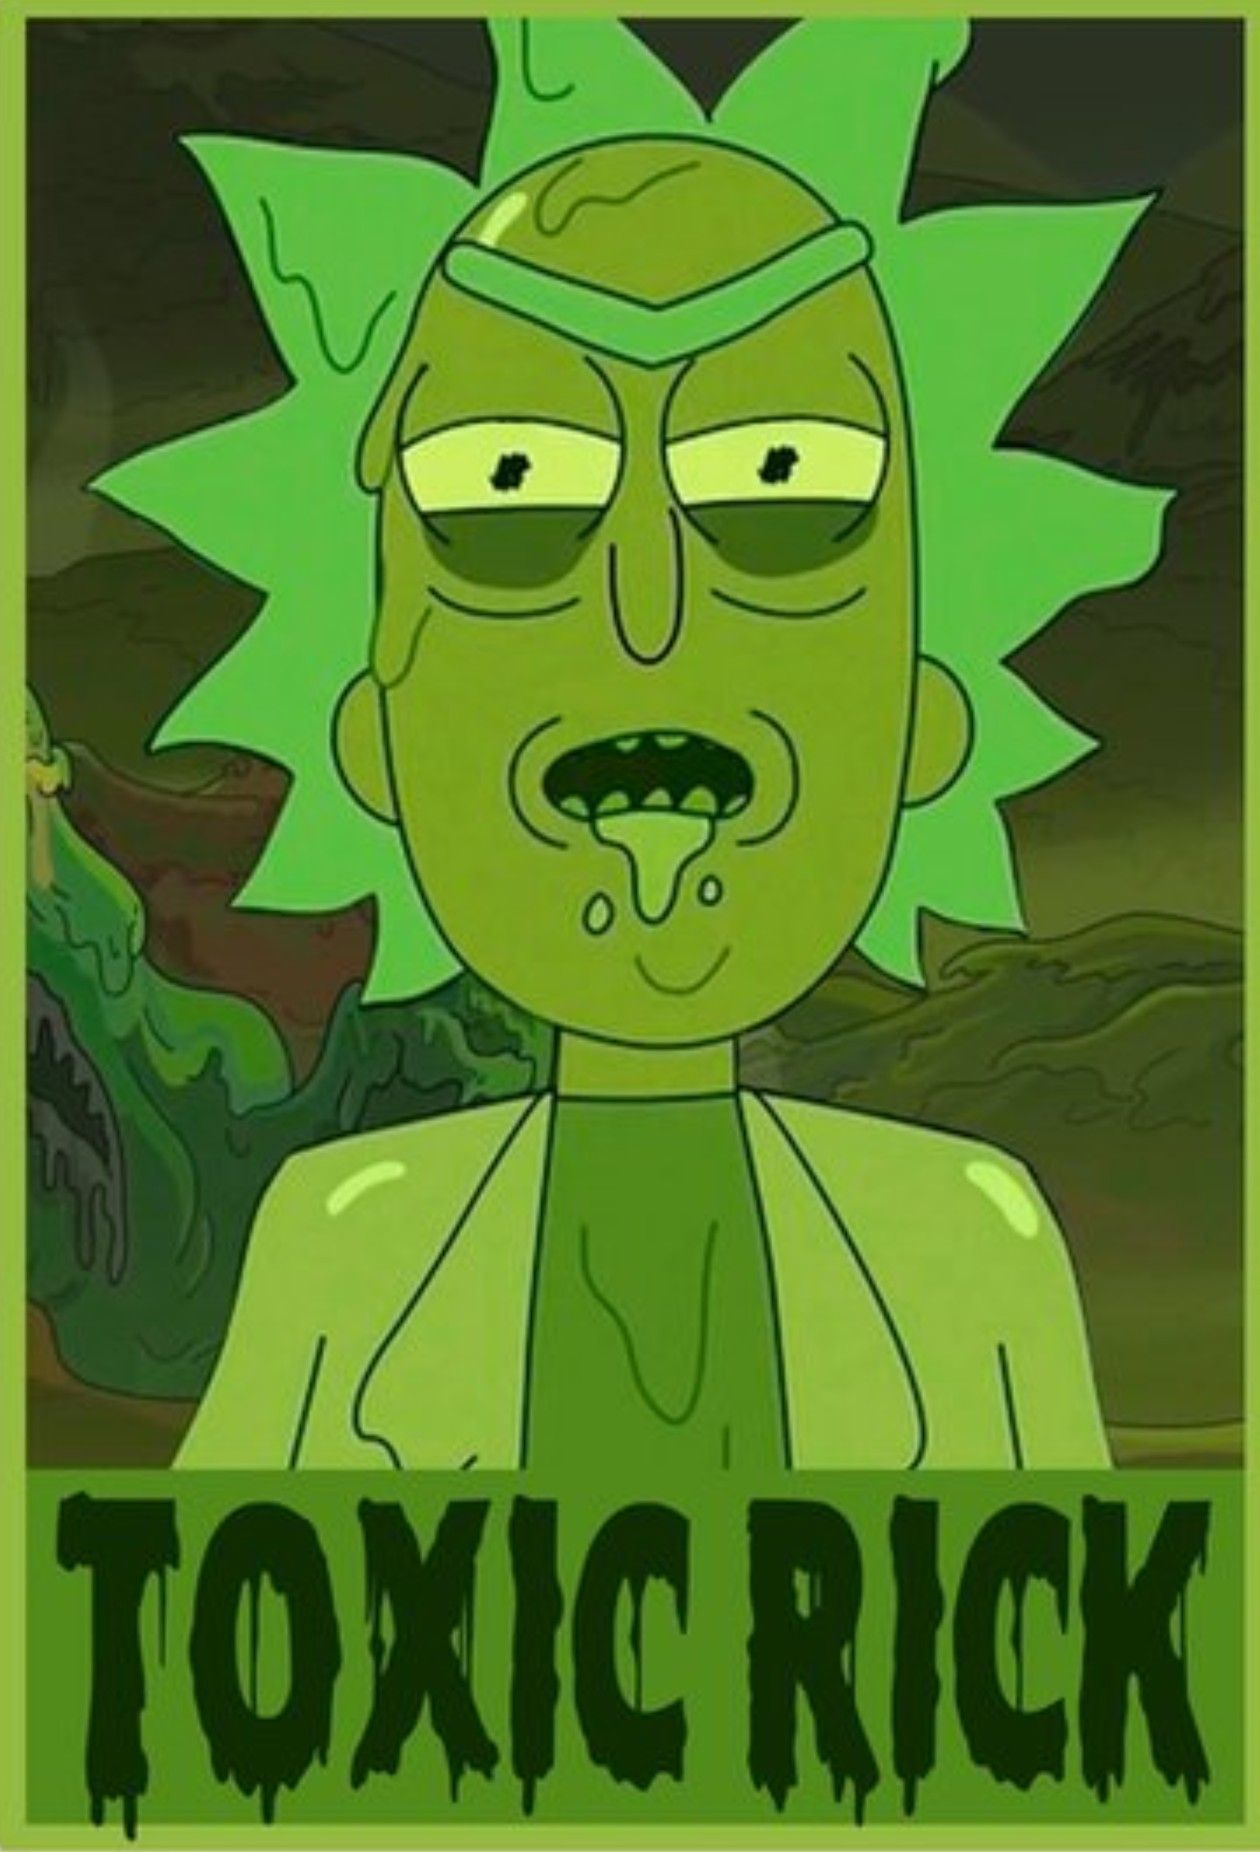 Rick And Morty Toxic Rick Rick And Morty Poster Rick And Morty Characters Rick And Morty